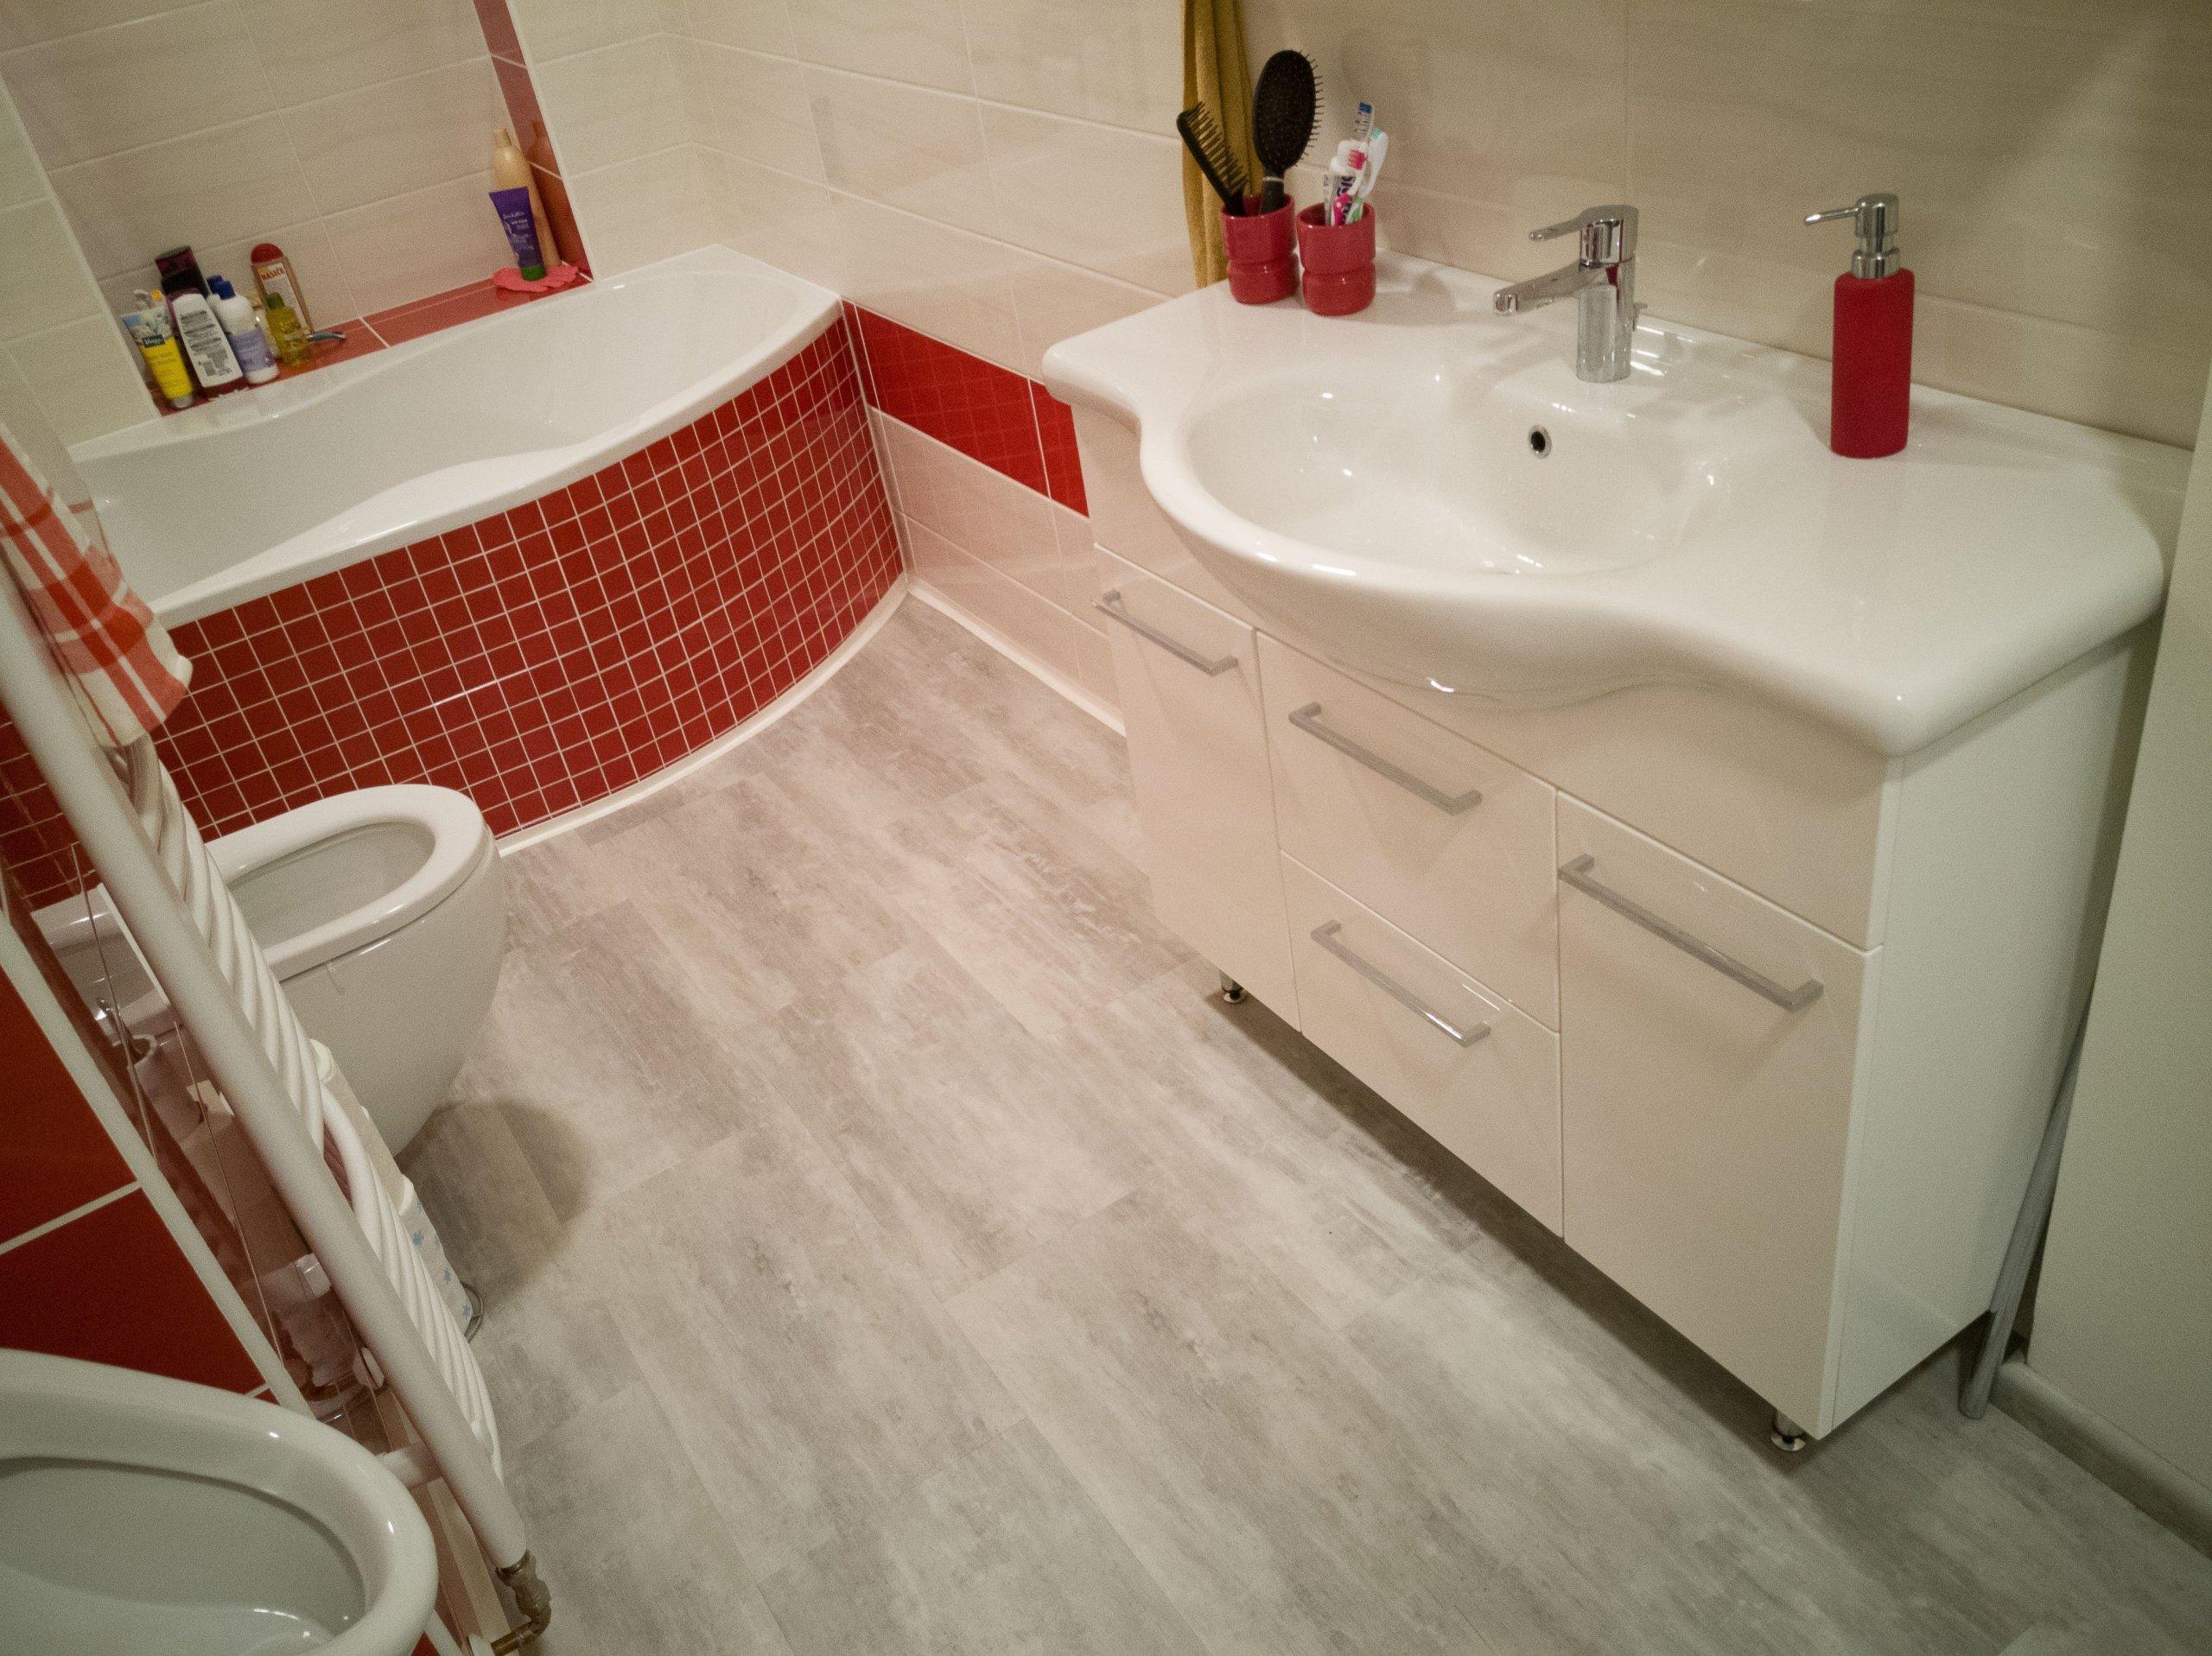 Barevně hezky sladěná koupelna. Obklady z keramické dlažby jsou doplněny vinylovou podlahou.